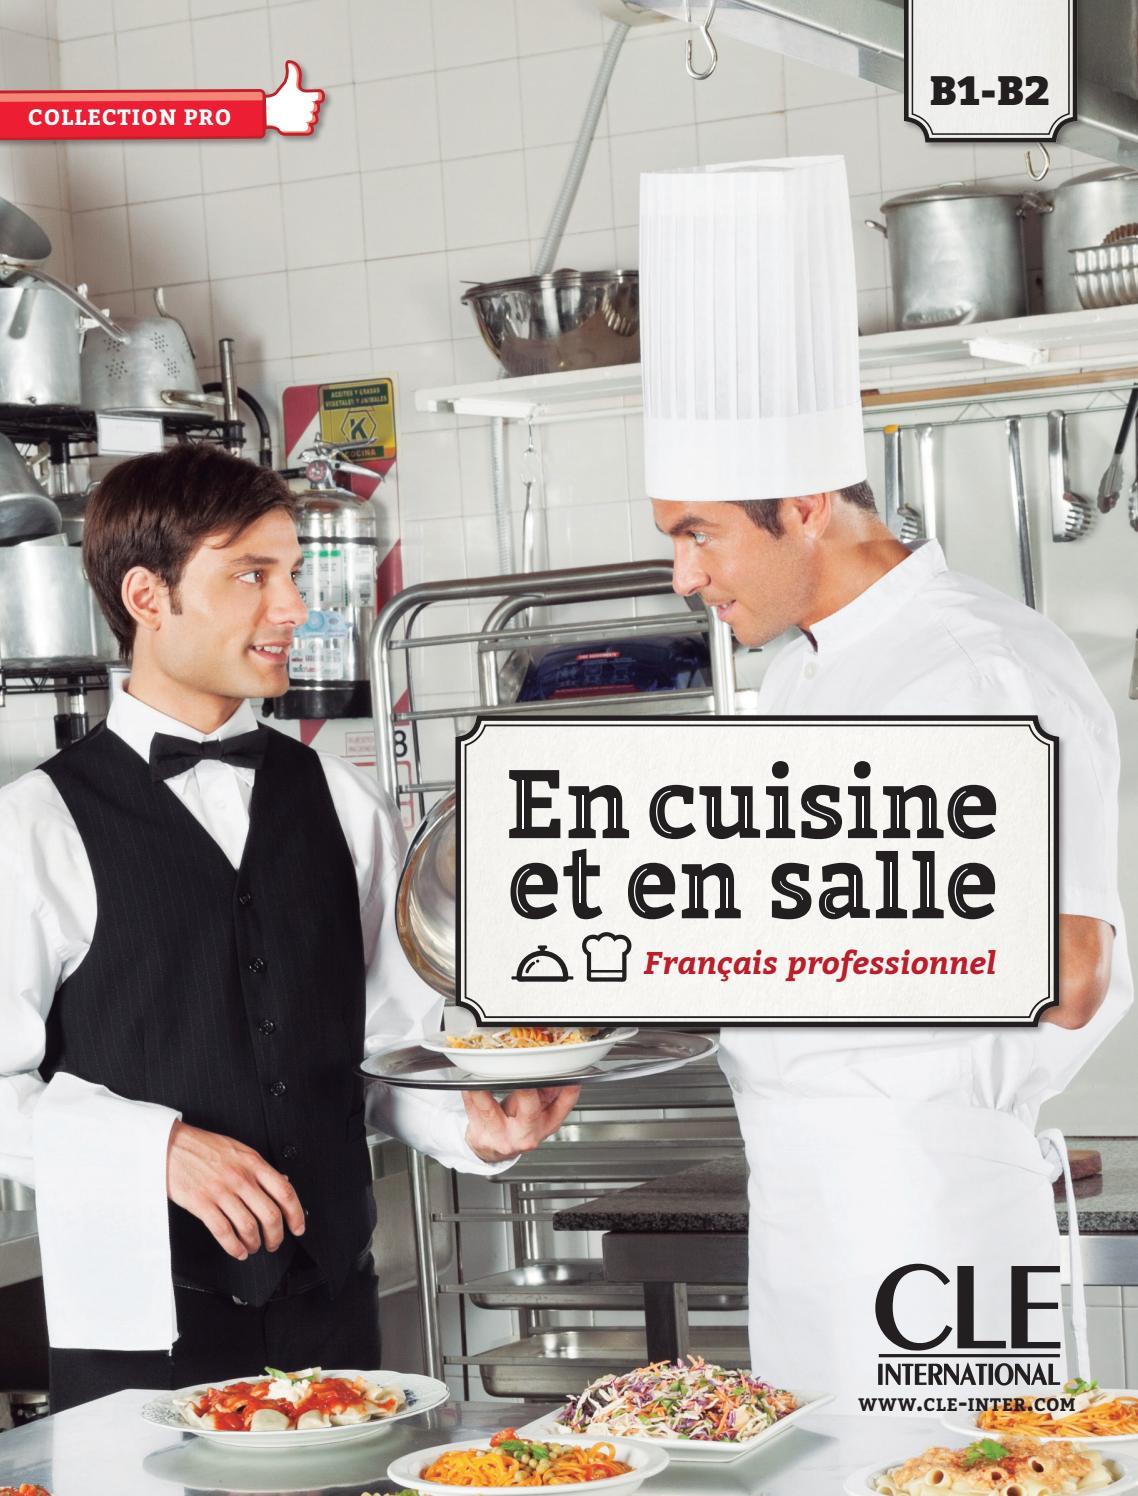 Extrait en cuisine et en salle b1 b2 by cle for Recherche apprentissage cuisine